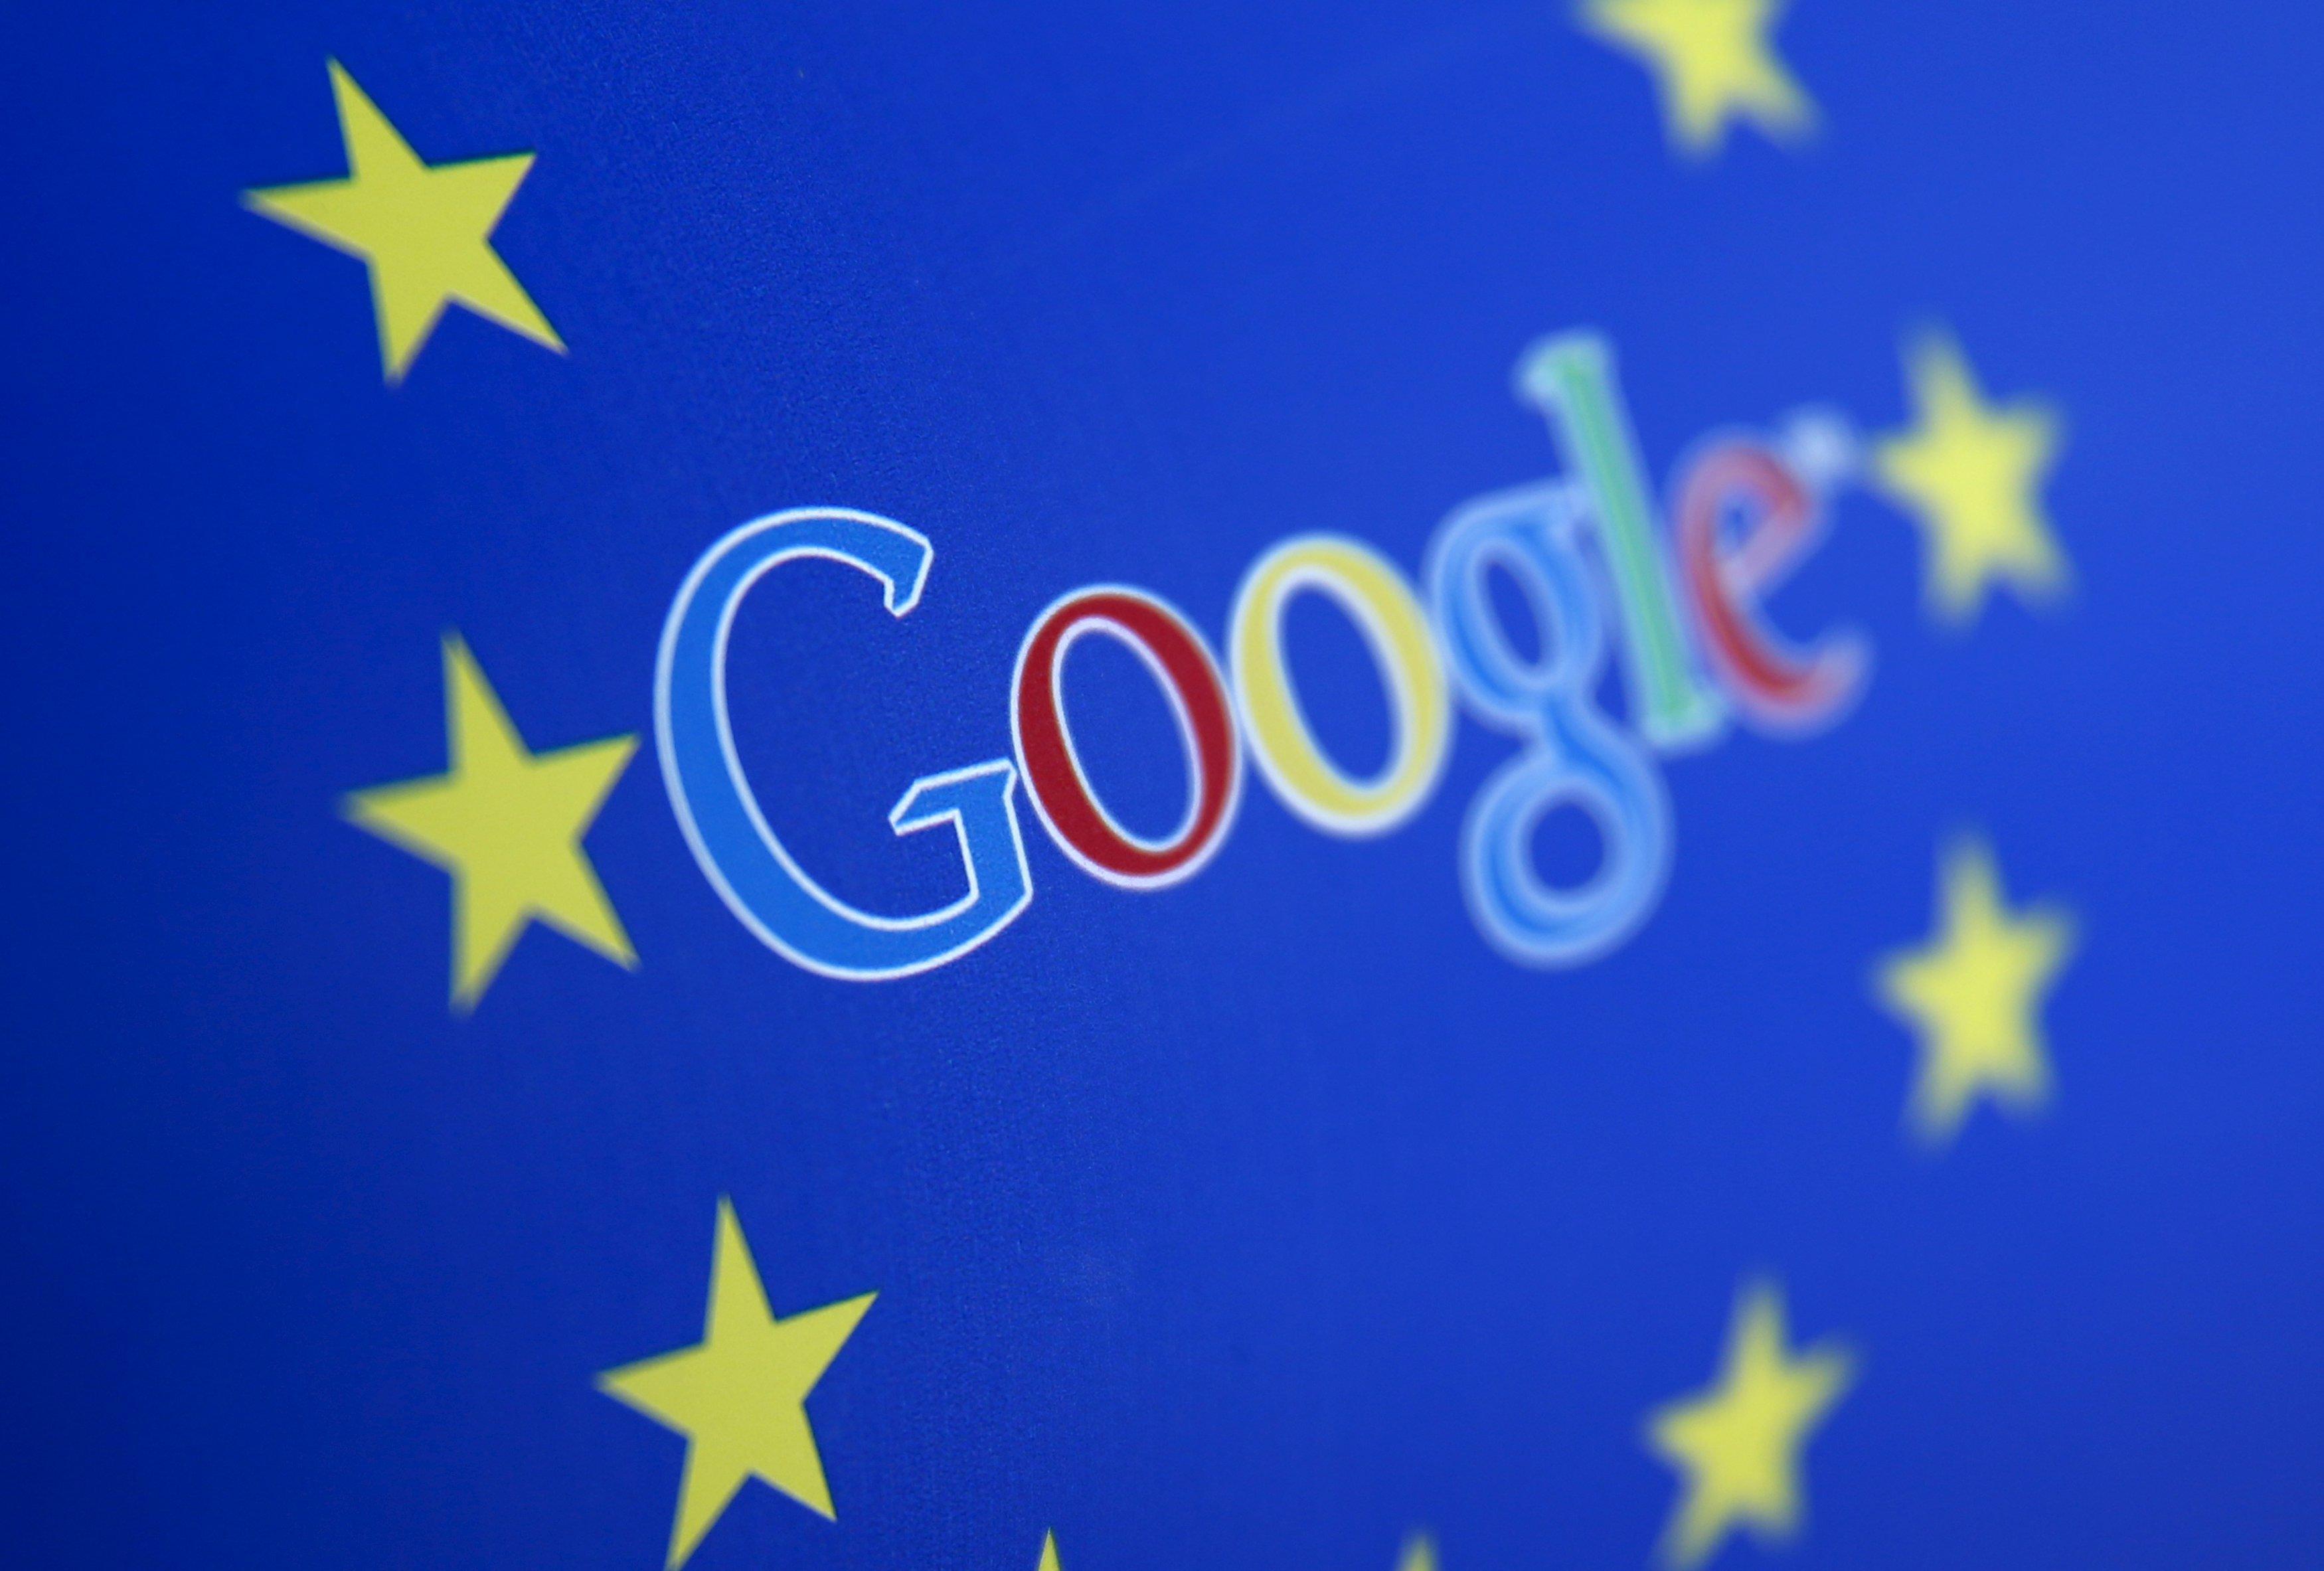 Google Antitrust Fine